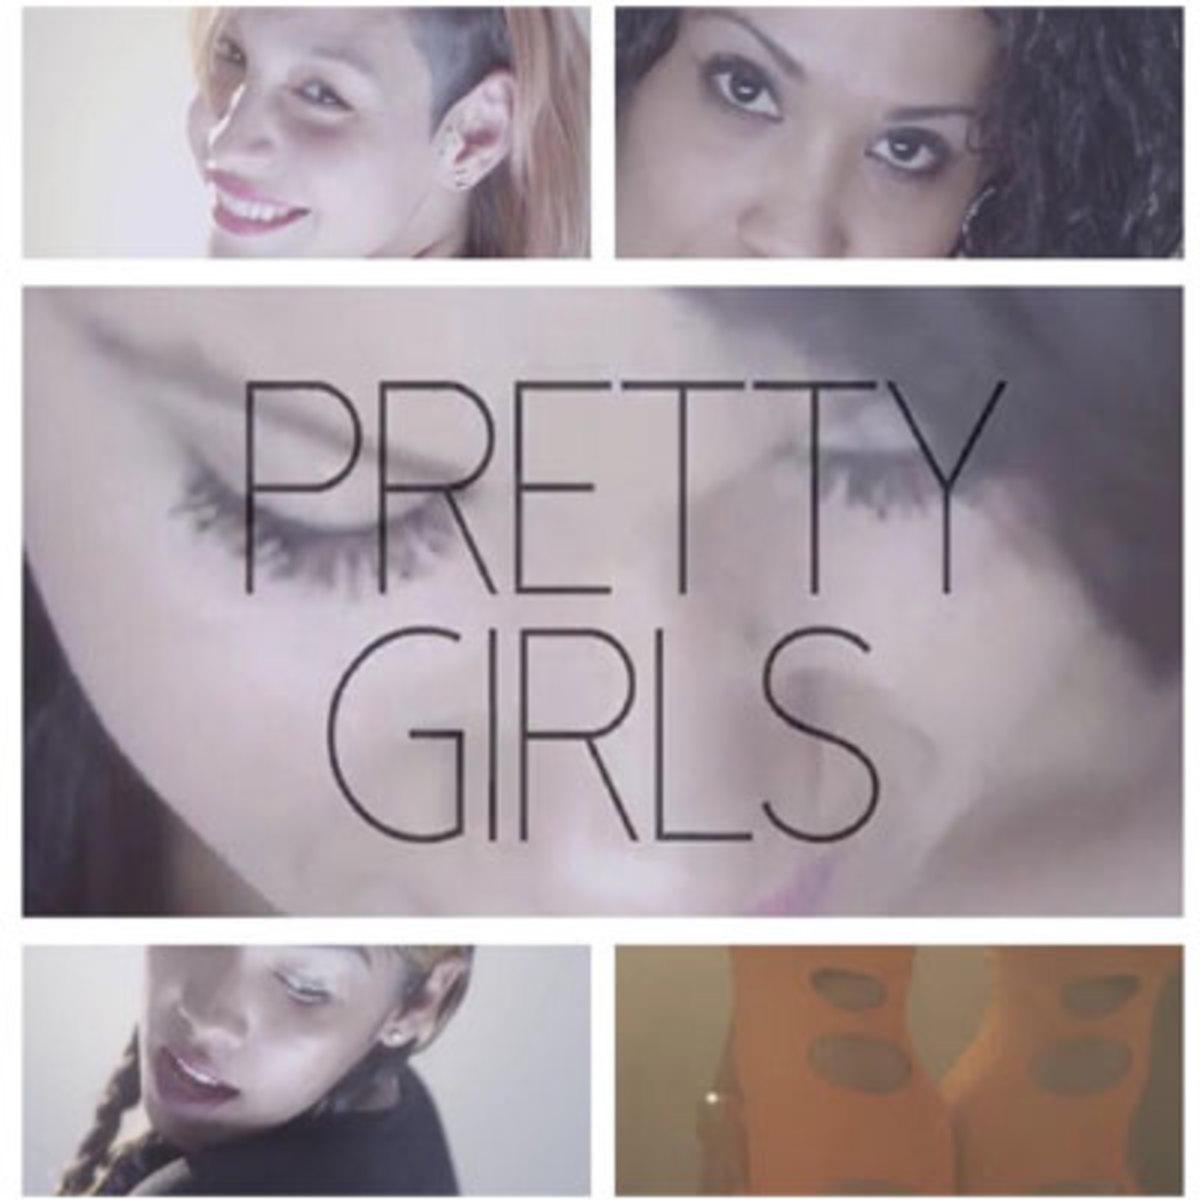 lovel-prettygirls.jpg